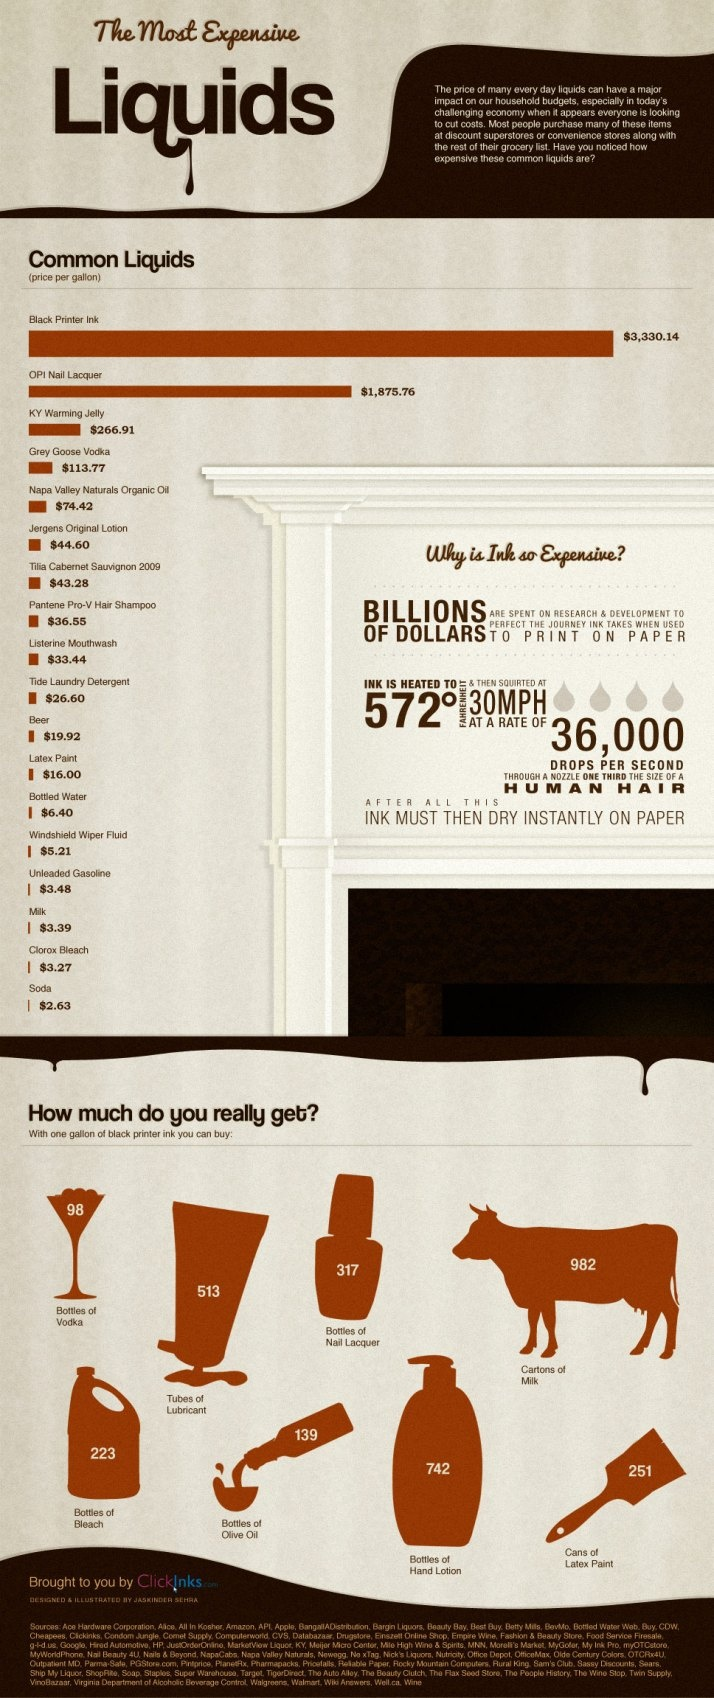 El líquido más caro del mundo es la tinta de impresora